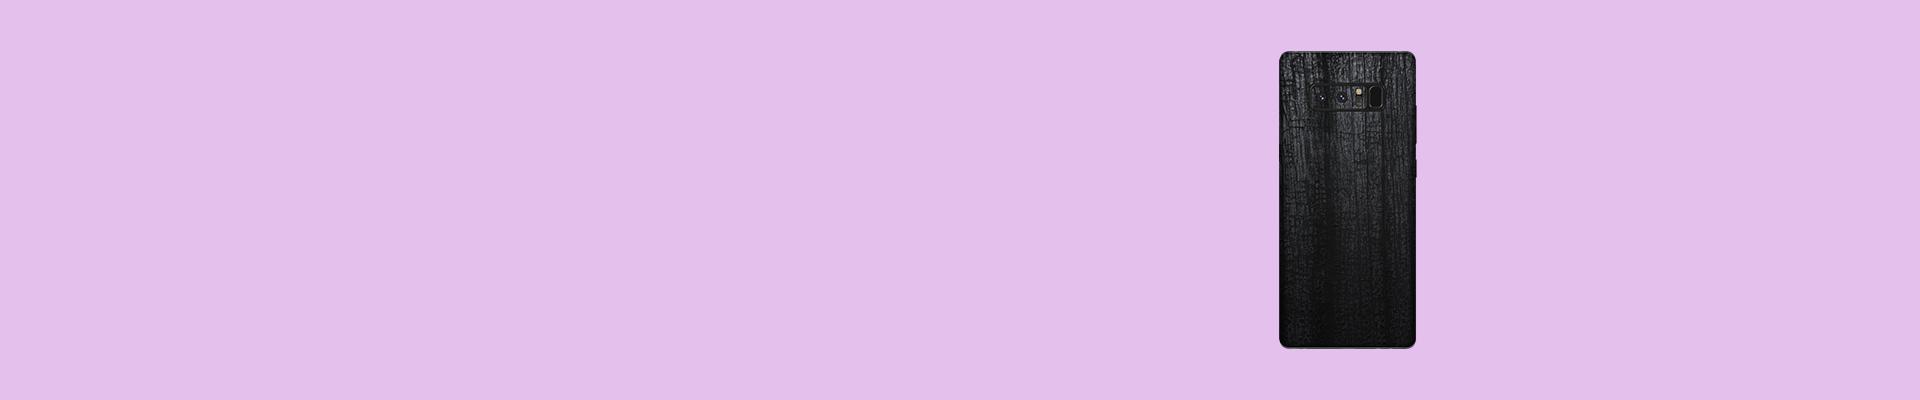 Jual Skin Handphone - Stiker Gadget Harga Grosir